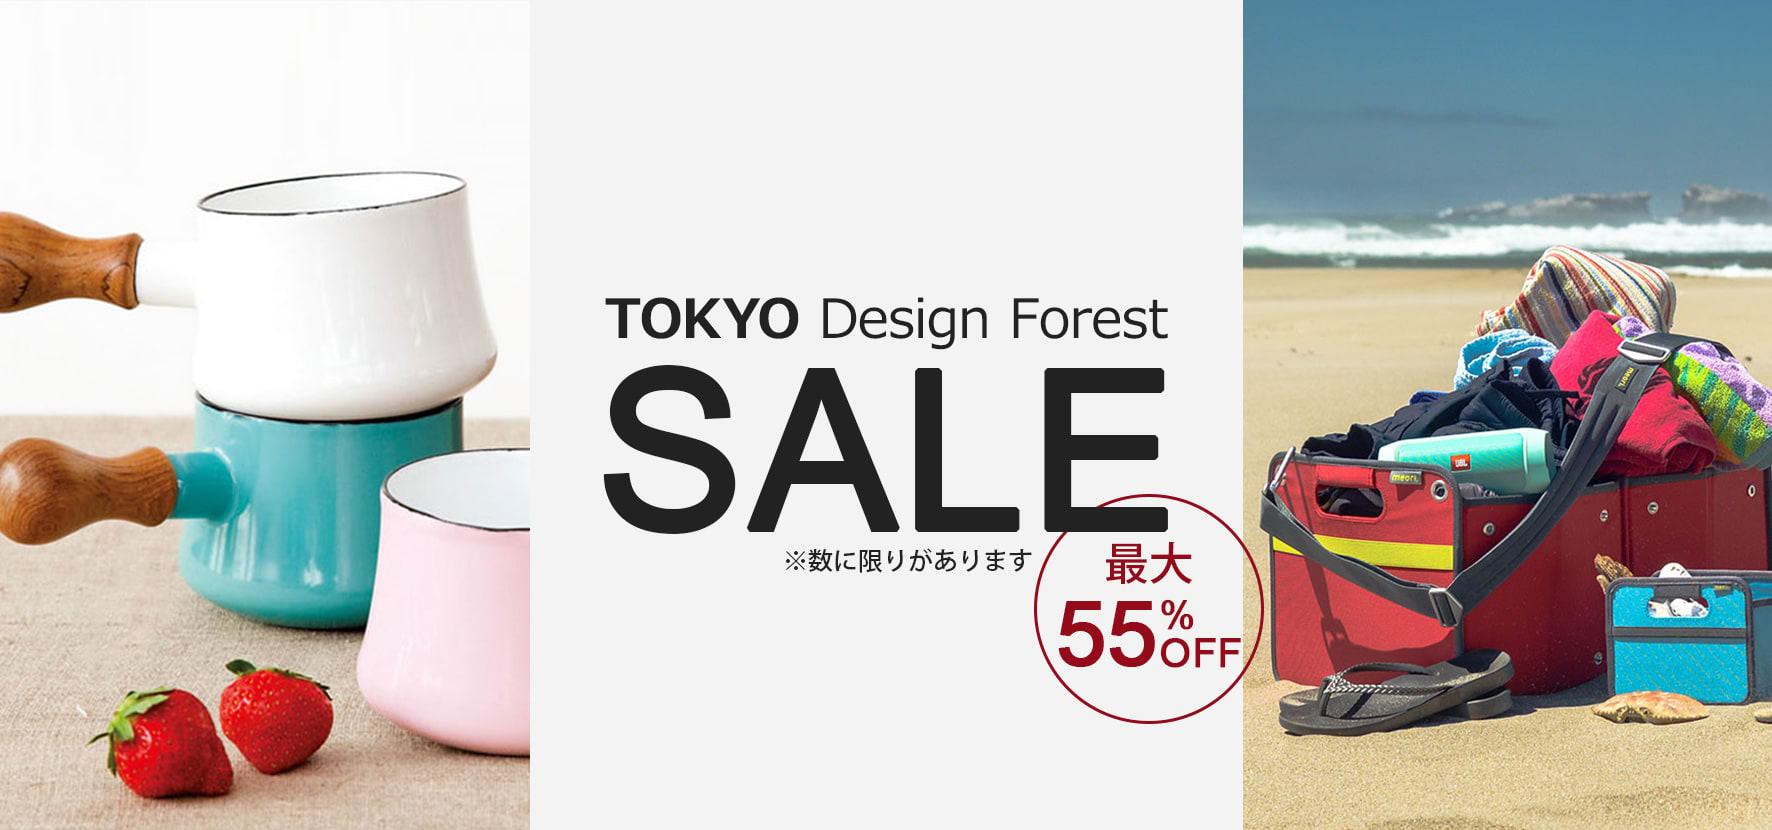 東京デザインフォレストSALE